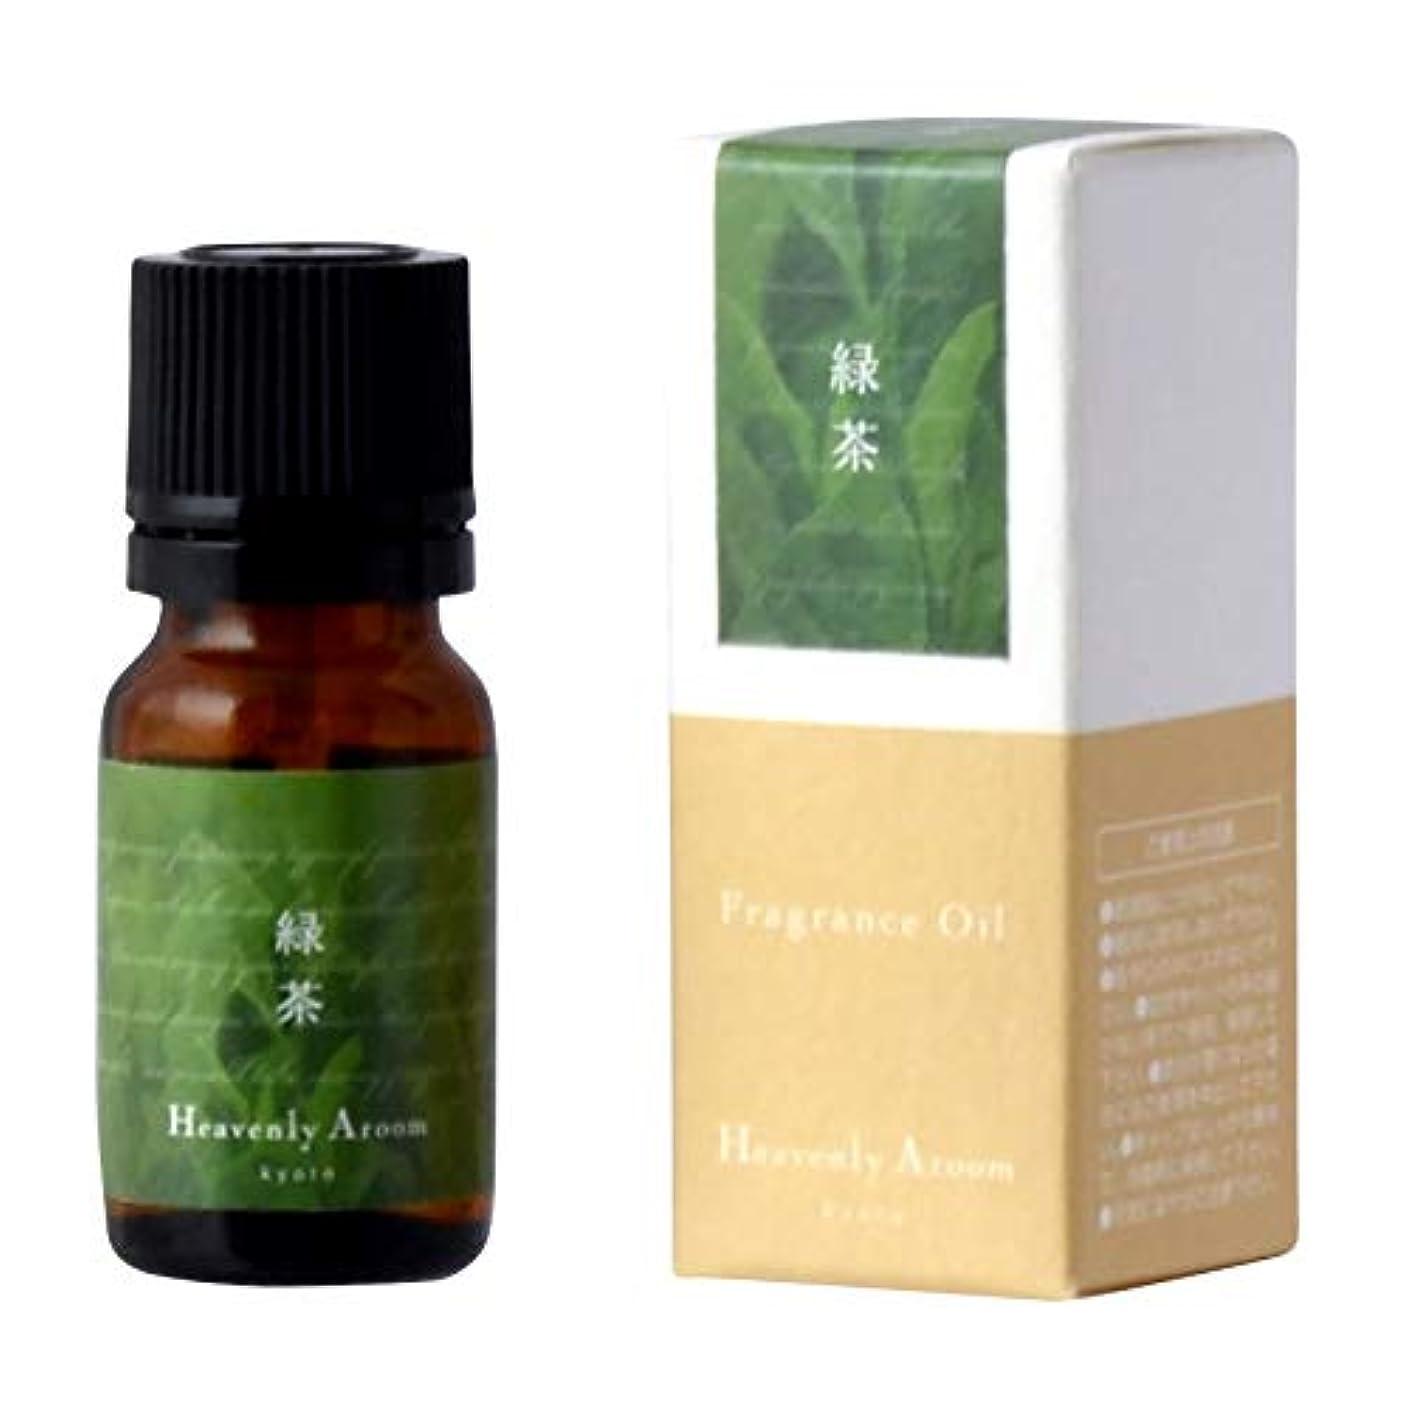 本会議病んでいるお酢Heavenly Aroom フレグランスオイル 緑茶 10ml